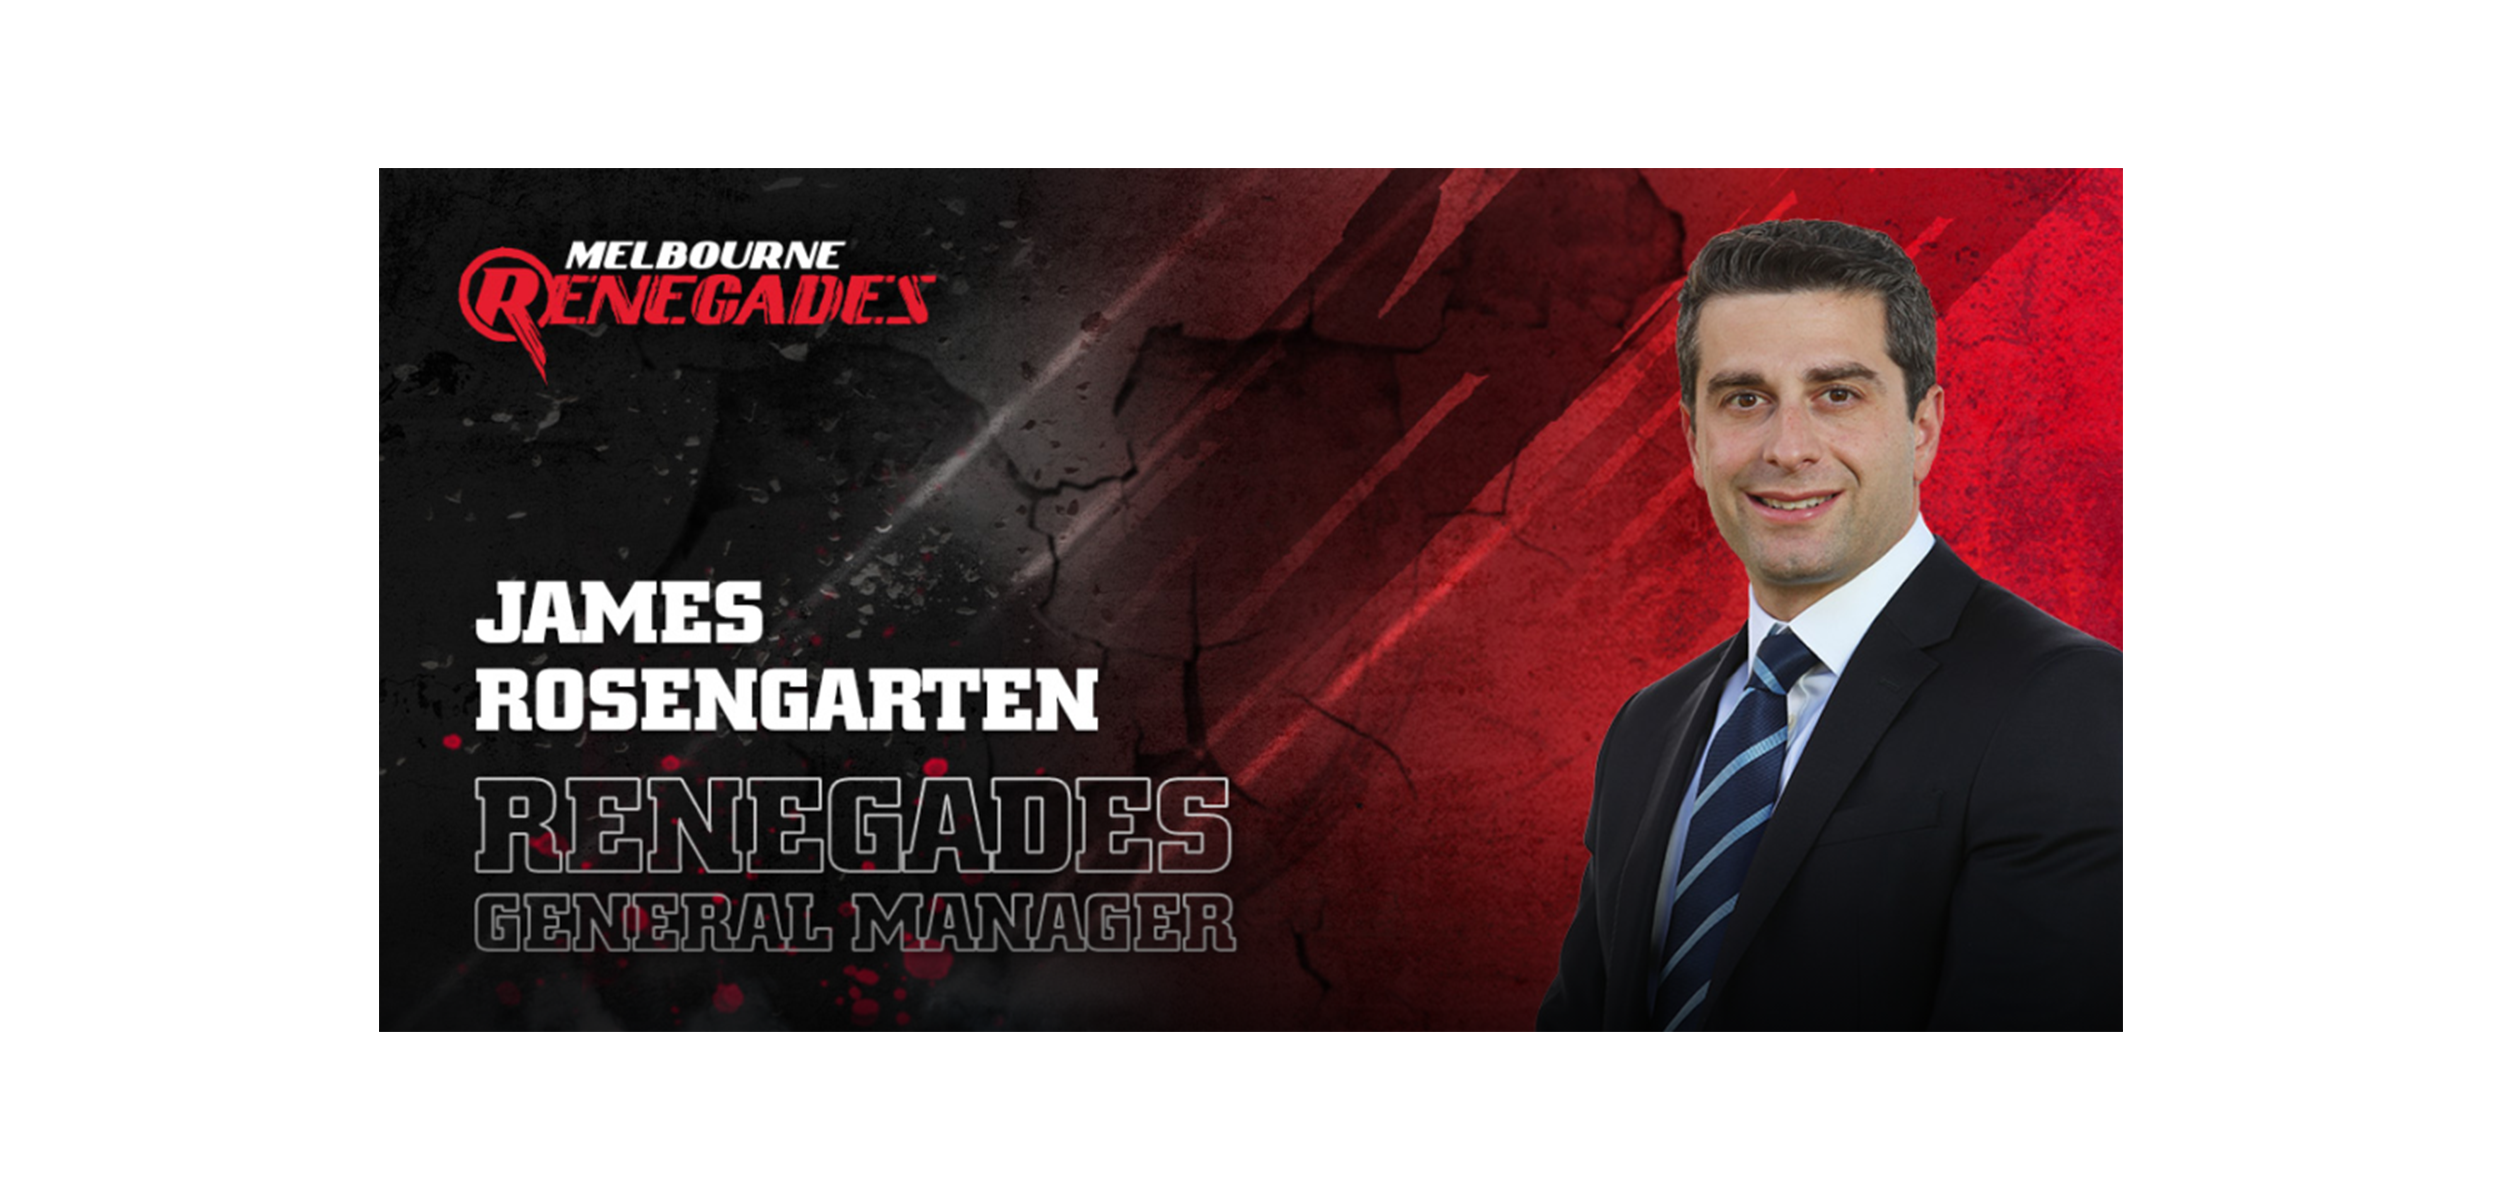 Melbourne Renegades: James Rosengarten appointed Renegades General Manager